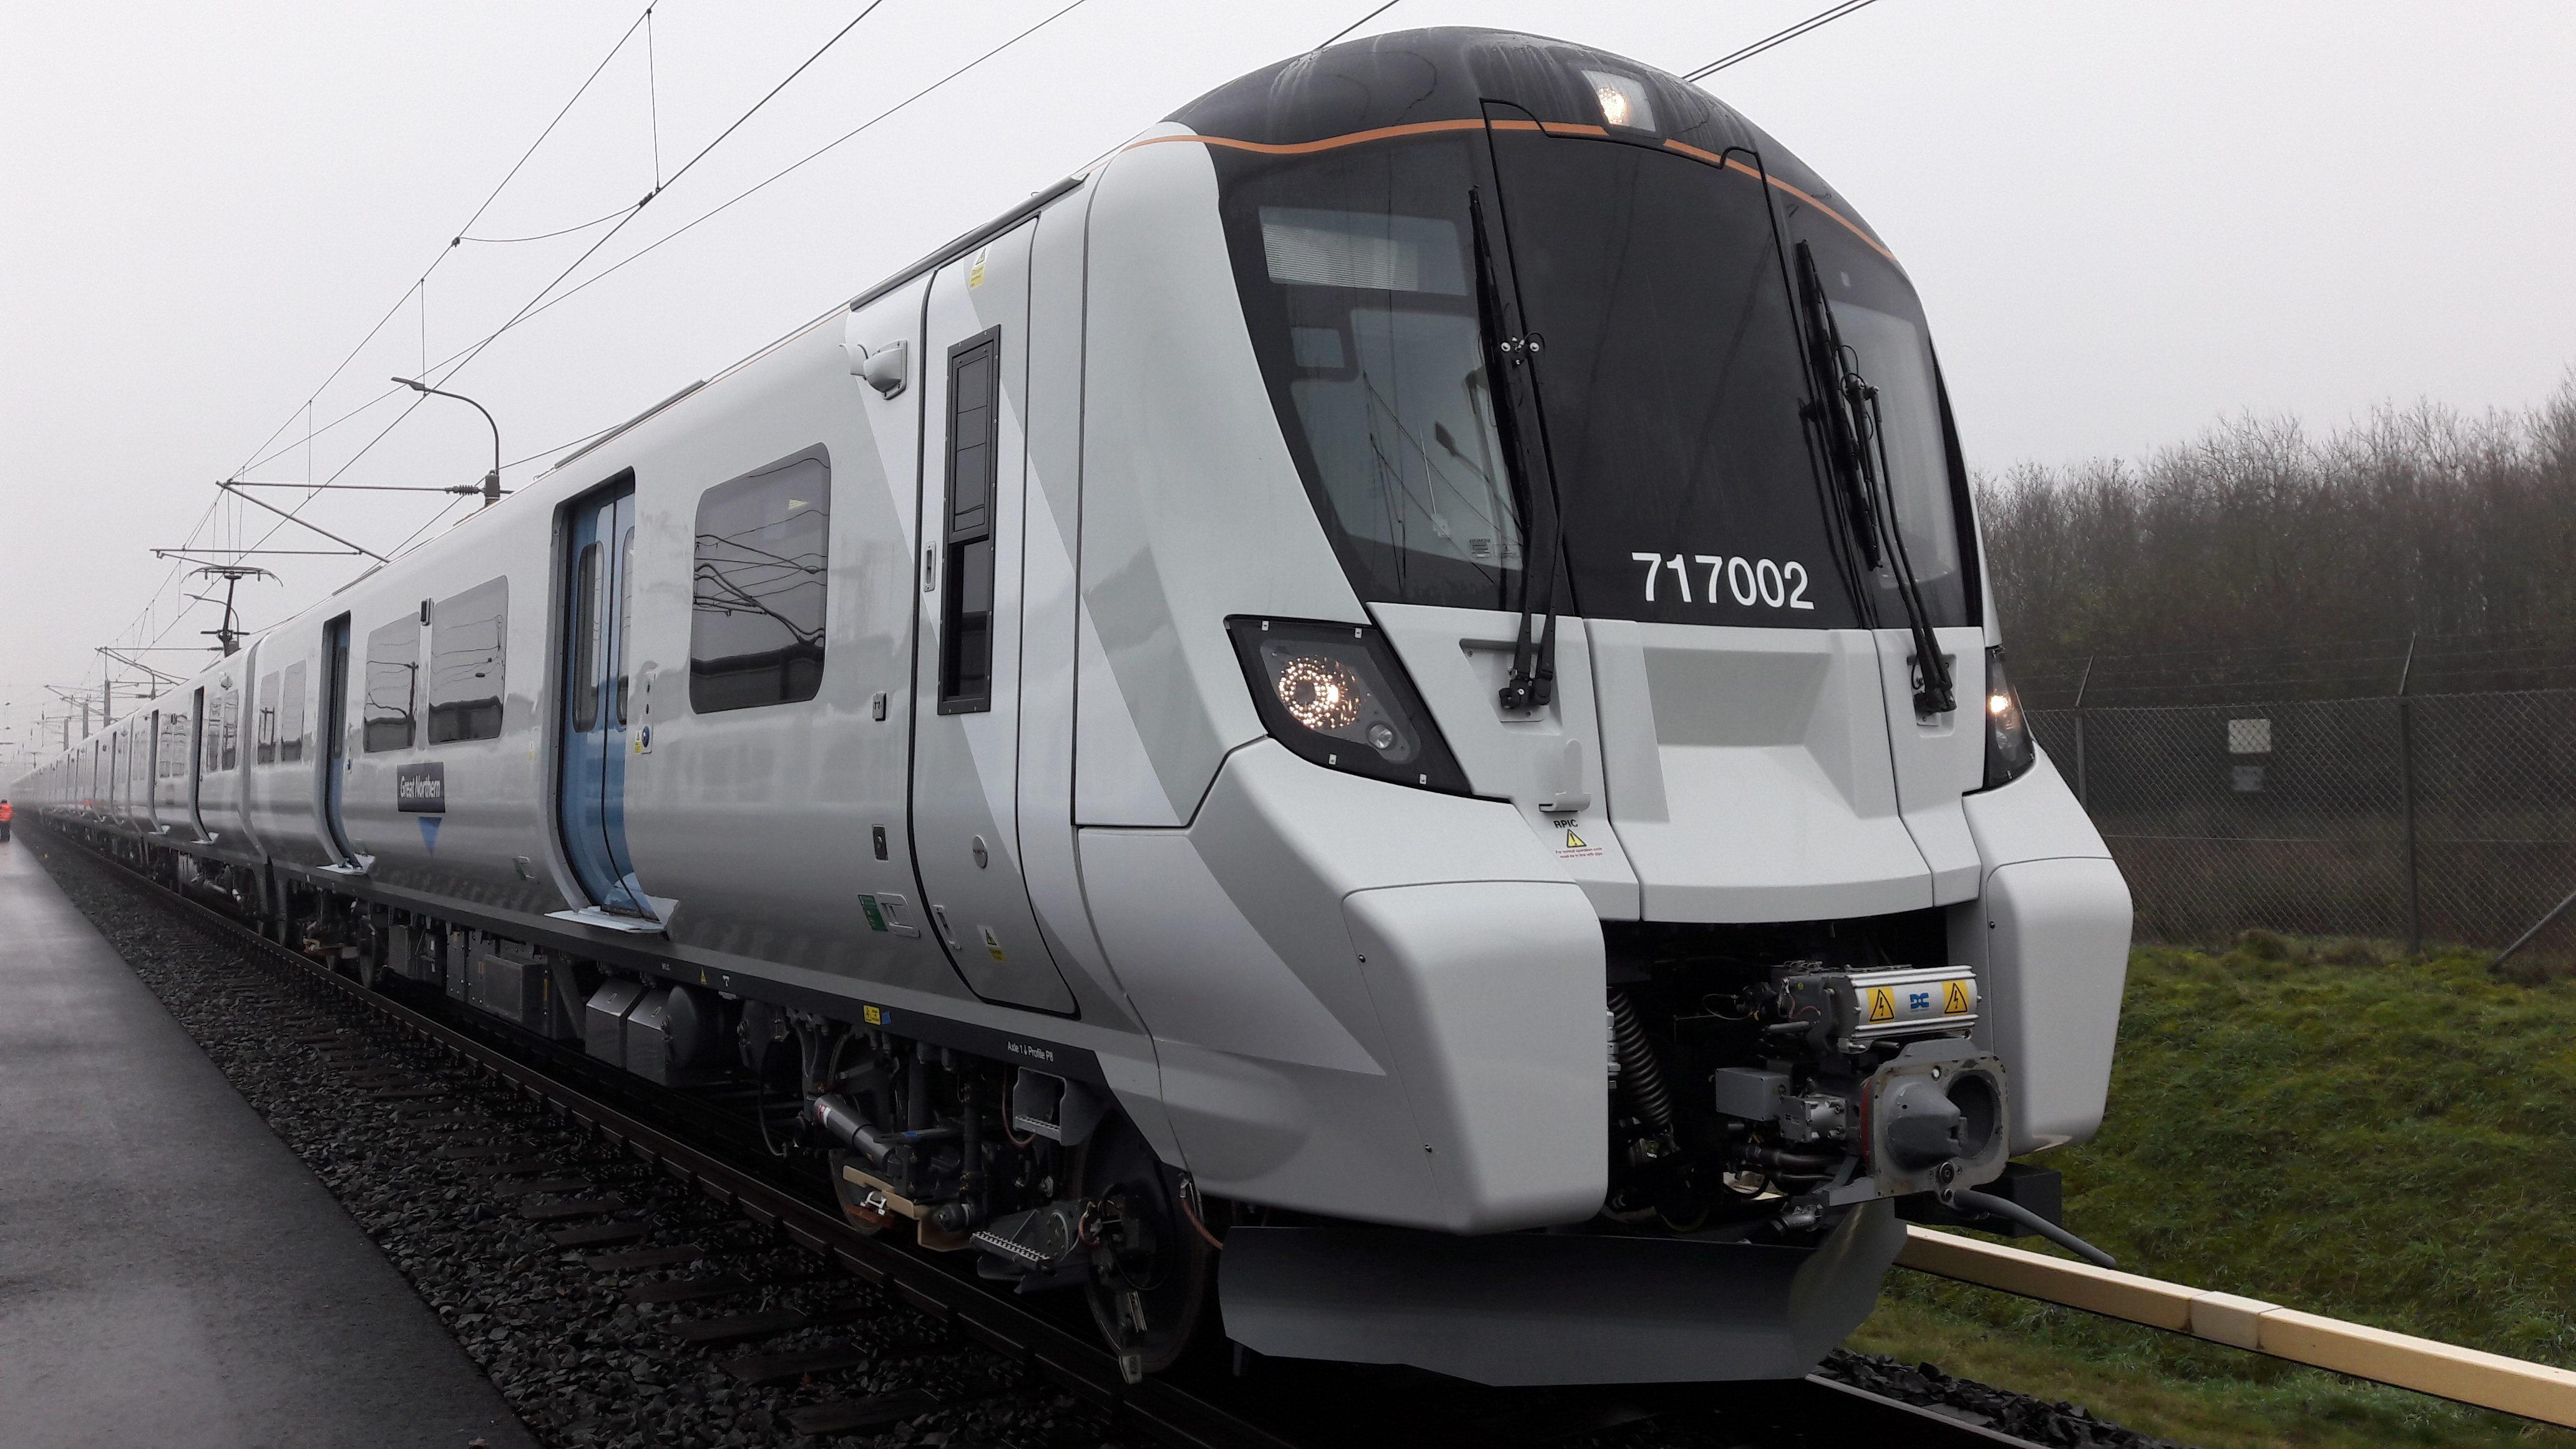 NaKolei.pl - Siemens przygotowuje się do targów Innotrans 2018. Pokaże 8 nowoczesnych pojazdów (ZDJĘCIA)